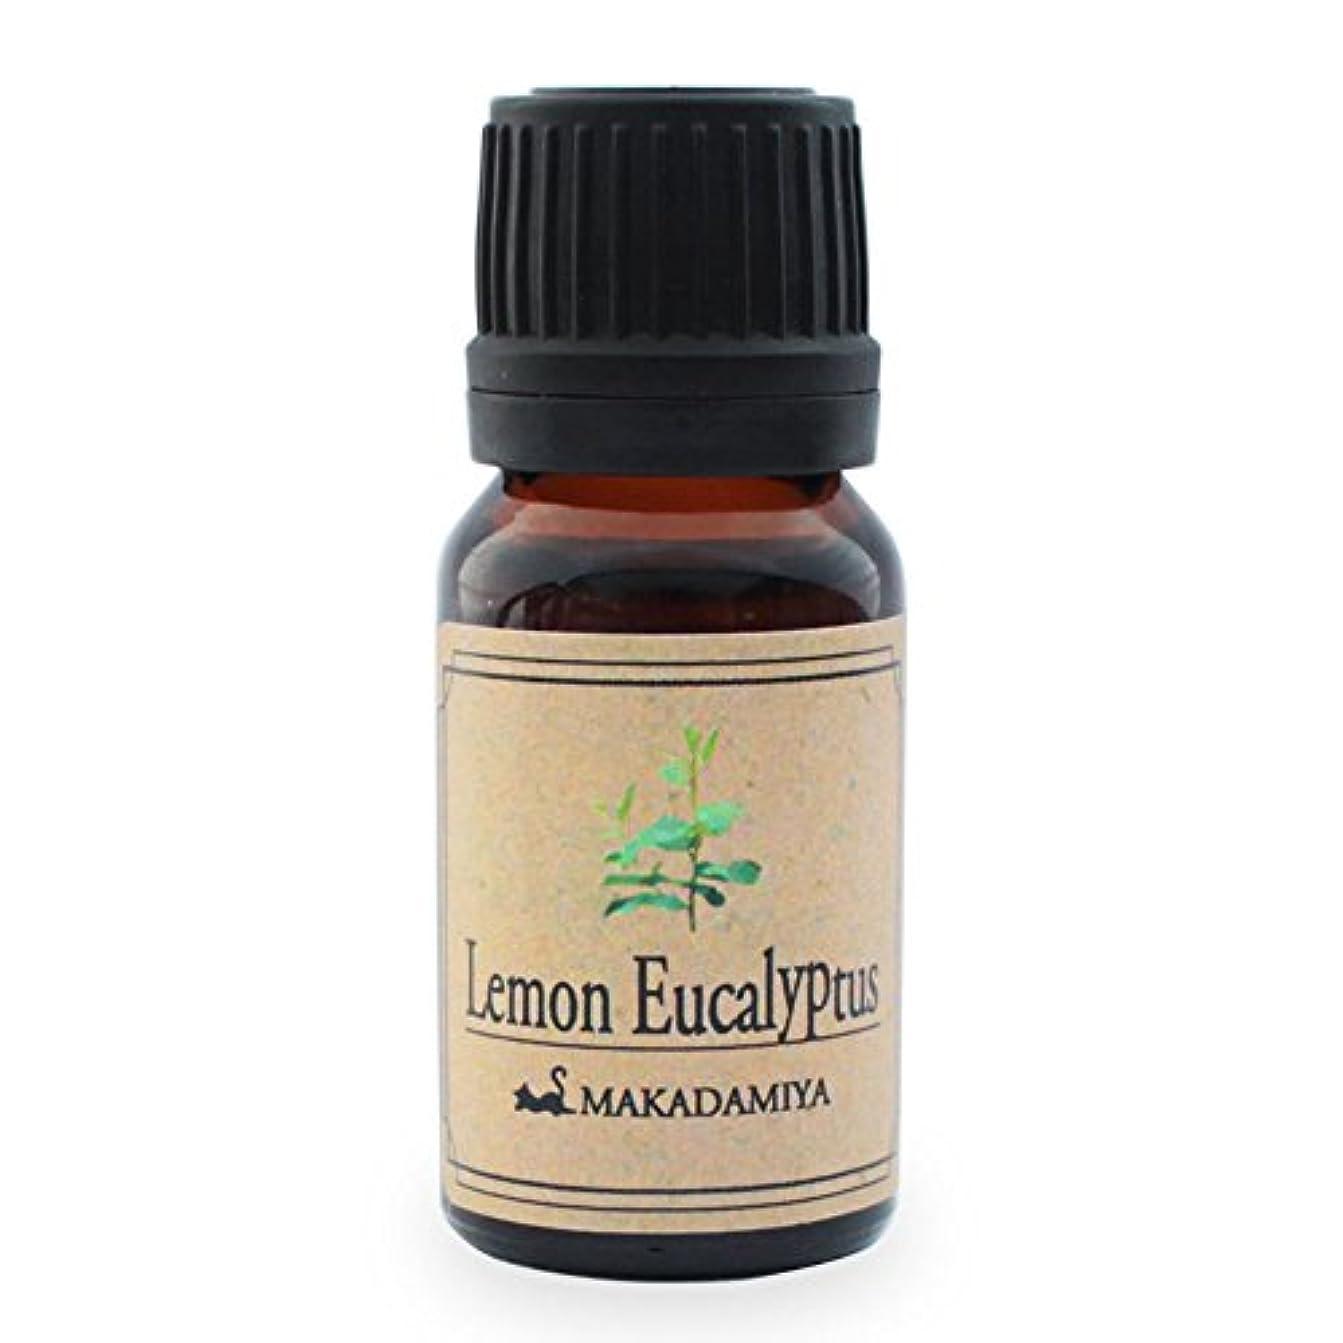 インゲン支払い論理的レモンユーカリ10ml 天然100%植物性 エッセンシャルオイル(精油) アロマオイル アロママッサージ aroma Eucalyptus Citriodora